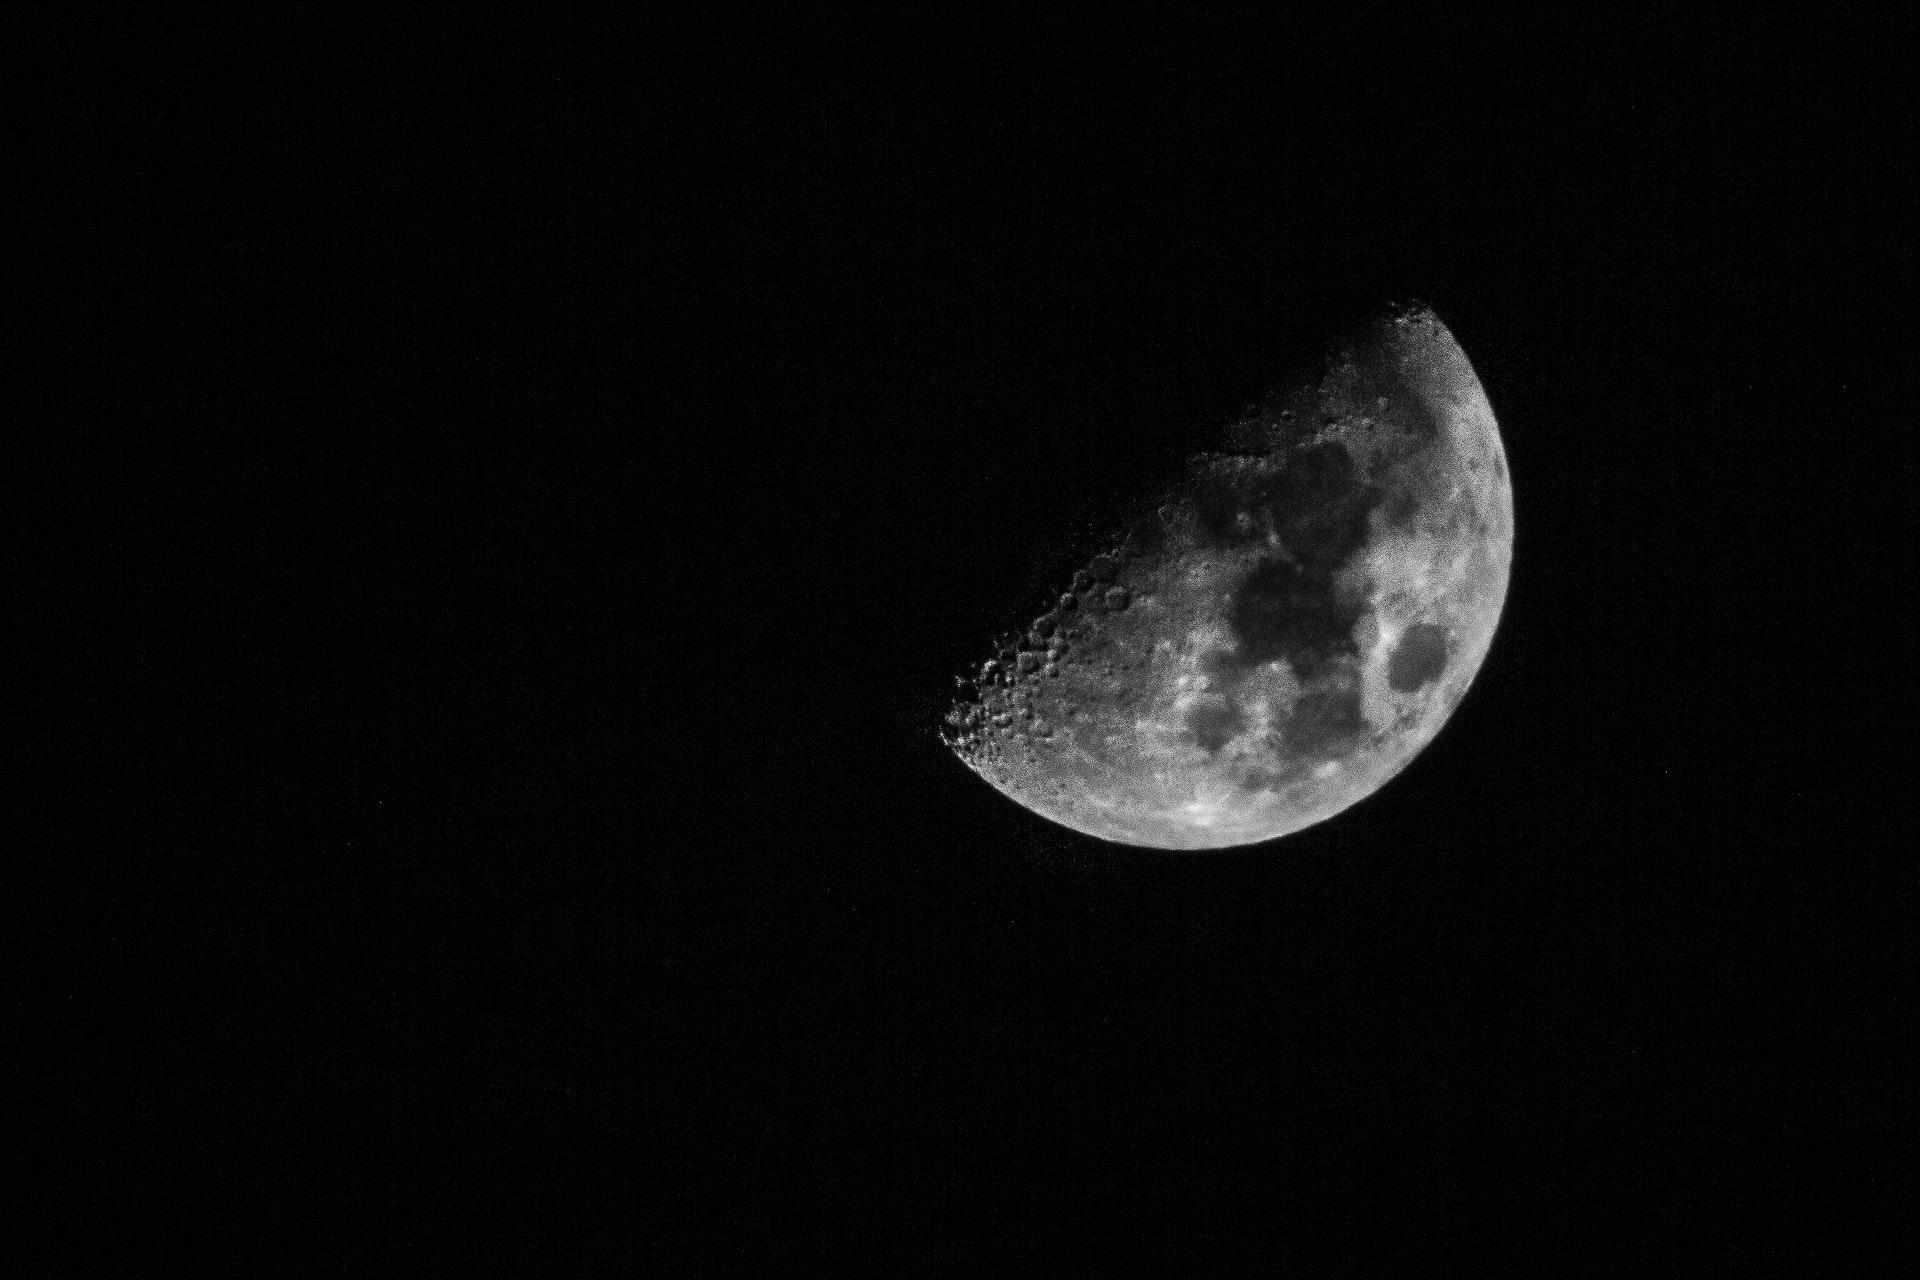 Moon at 1/125, f11 ISO640